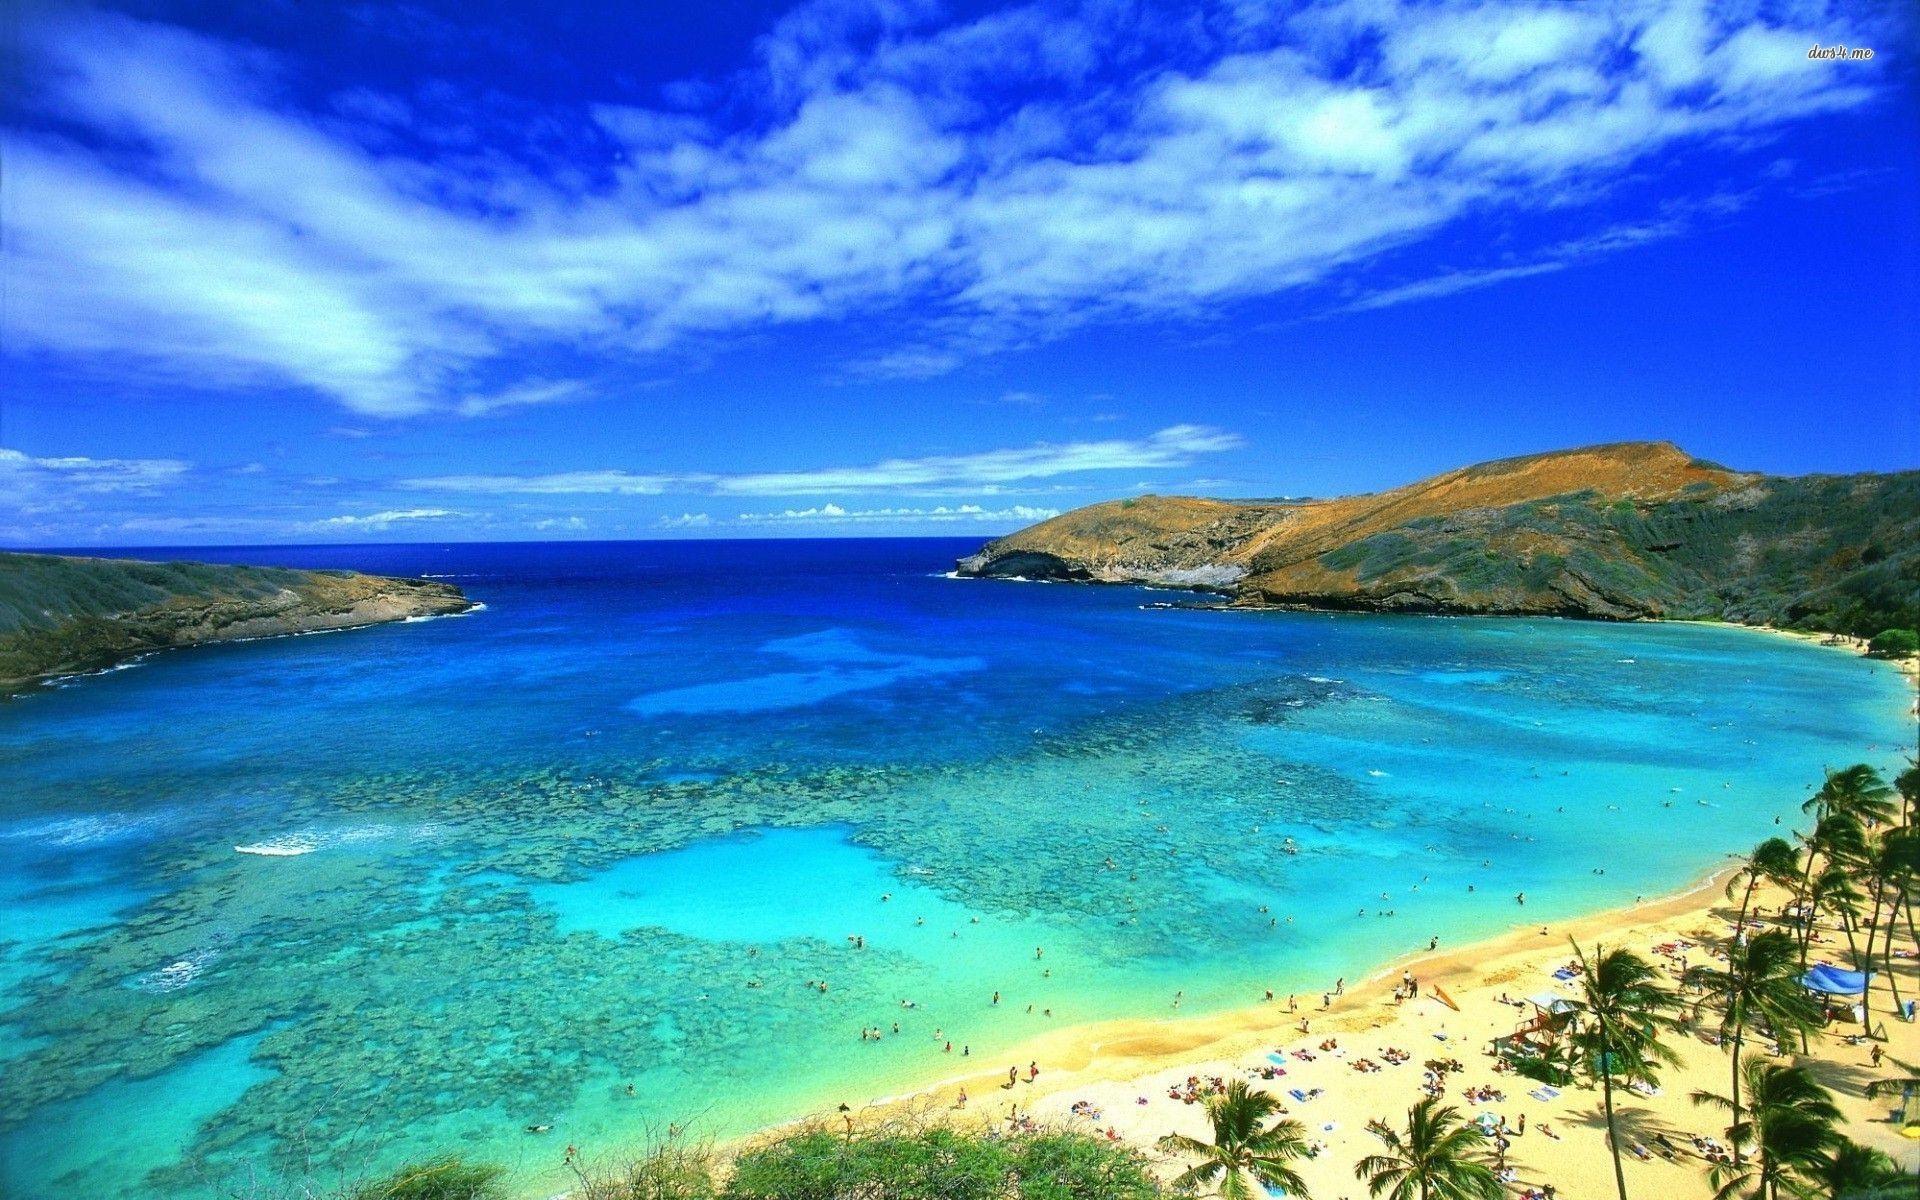 Blue Sky On Hawaii Beach Wallpaper HD #13113 Wallpaper   Wallpaper .